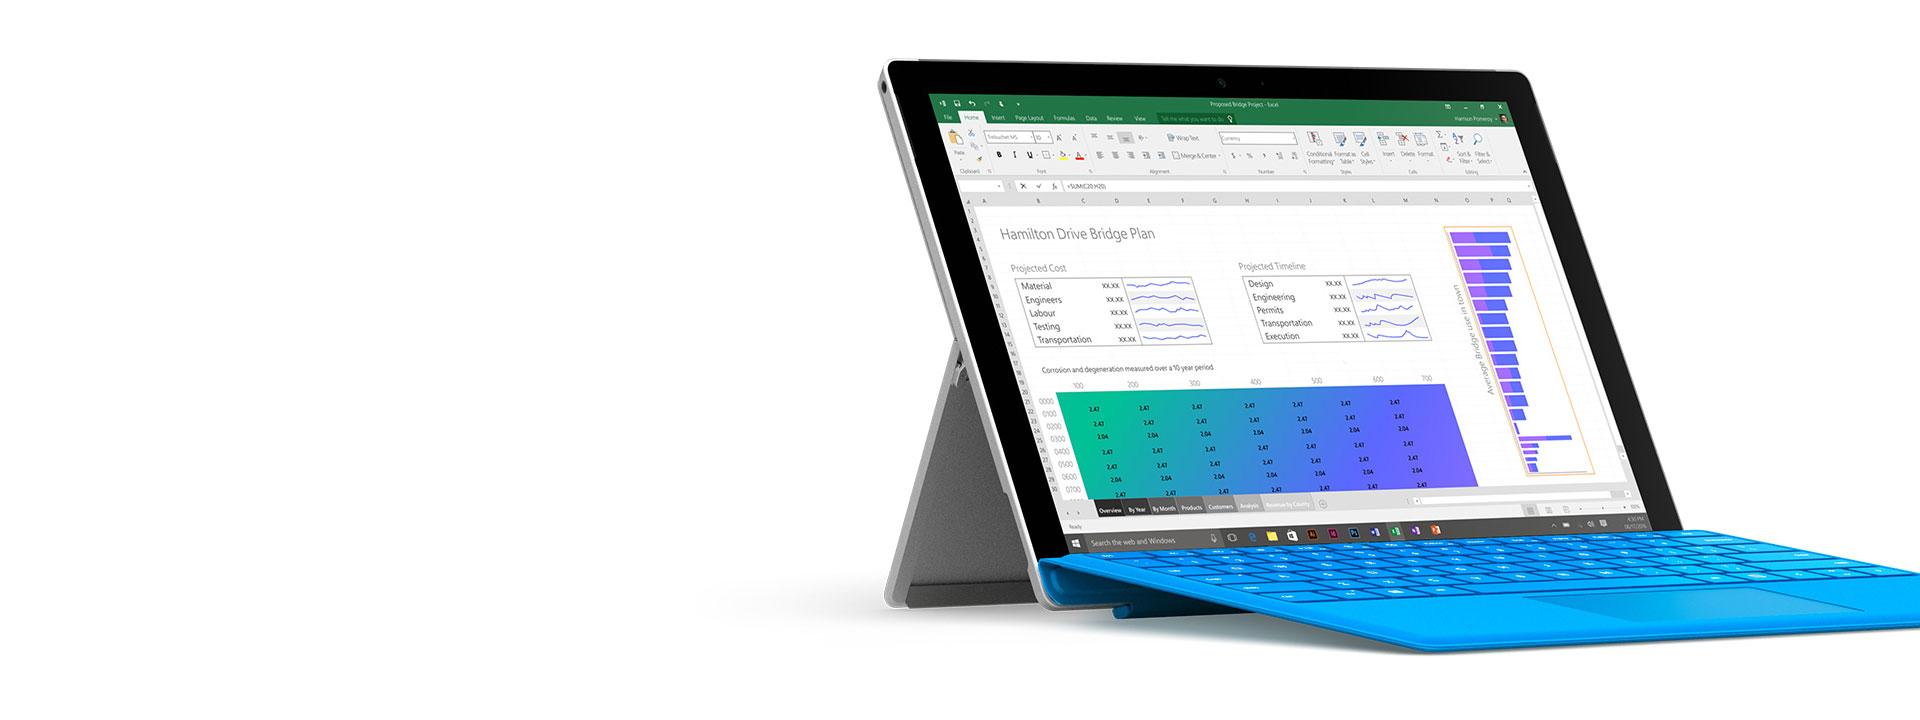 Surface Pro 4 met Office op het scherm.